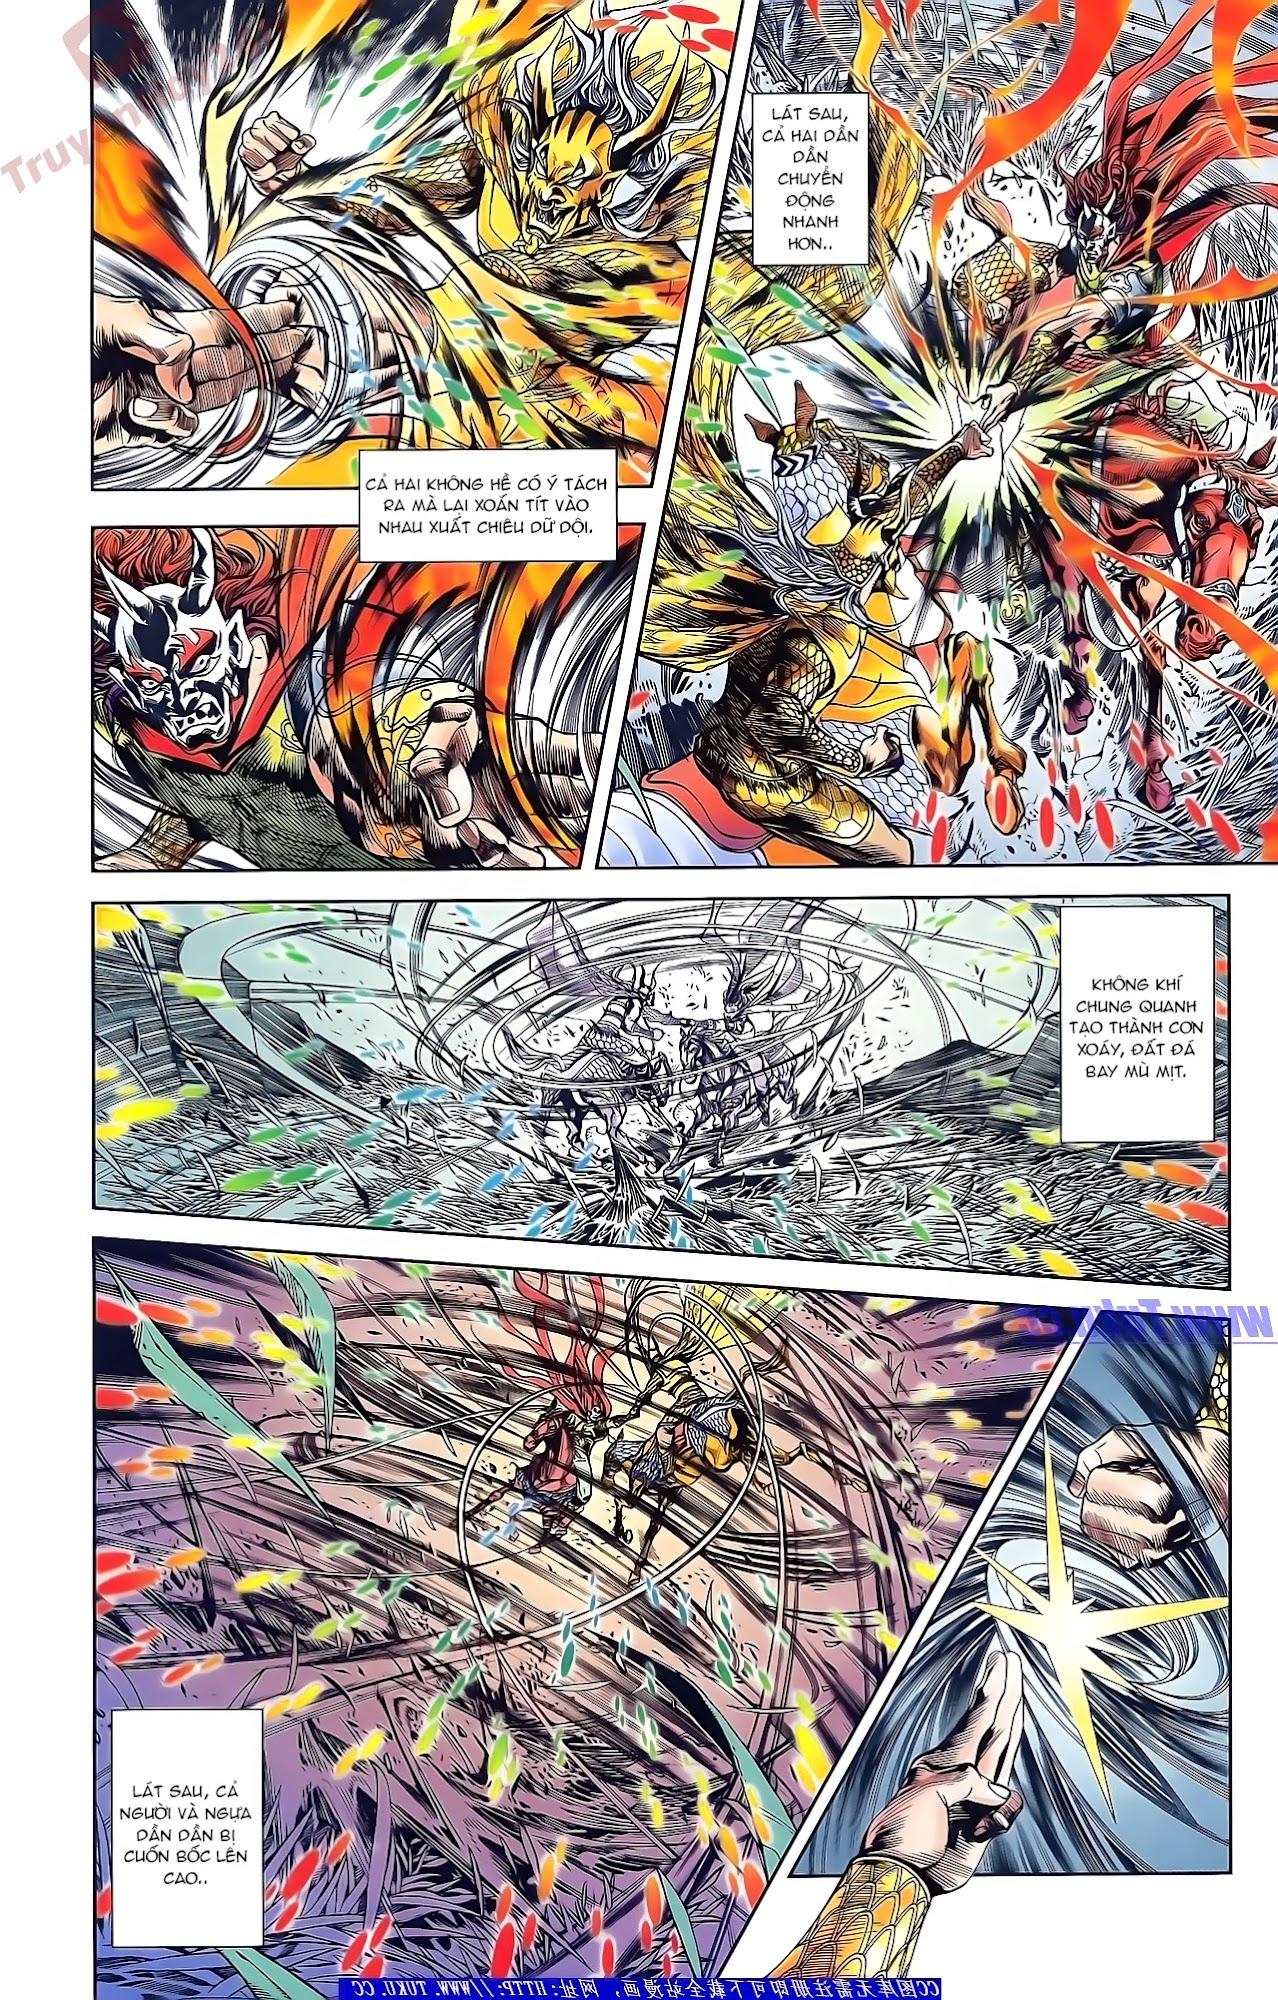 Tần Vương Doanh Chính chapter 47 trang 3